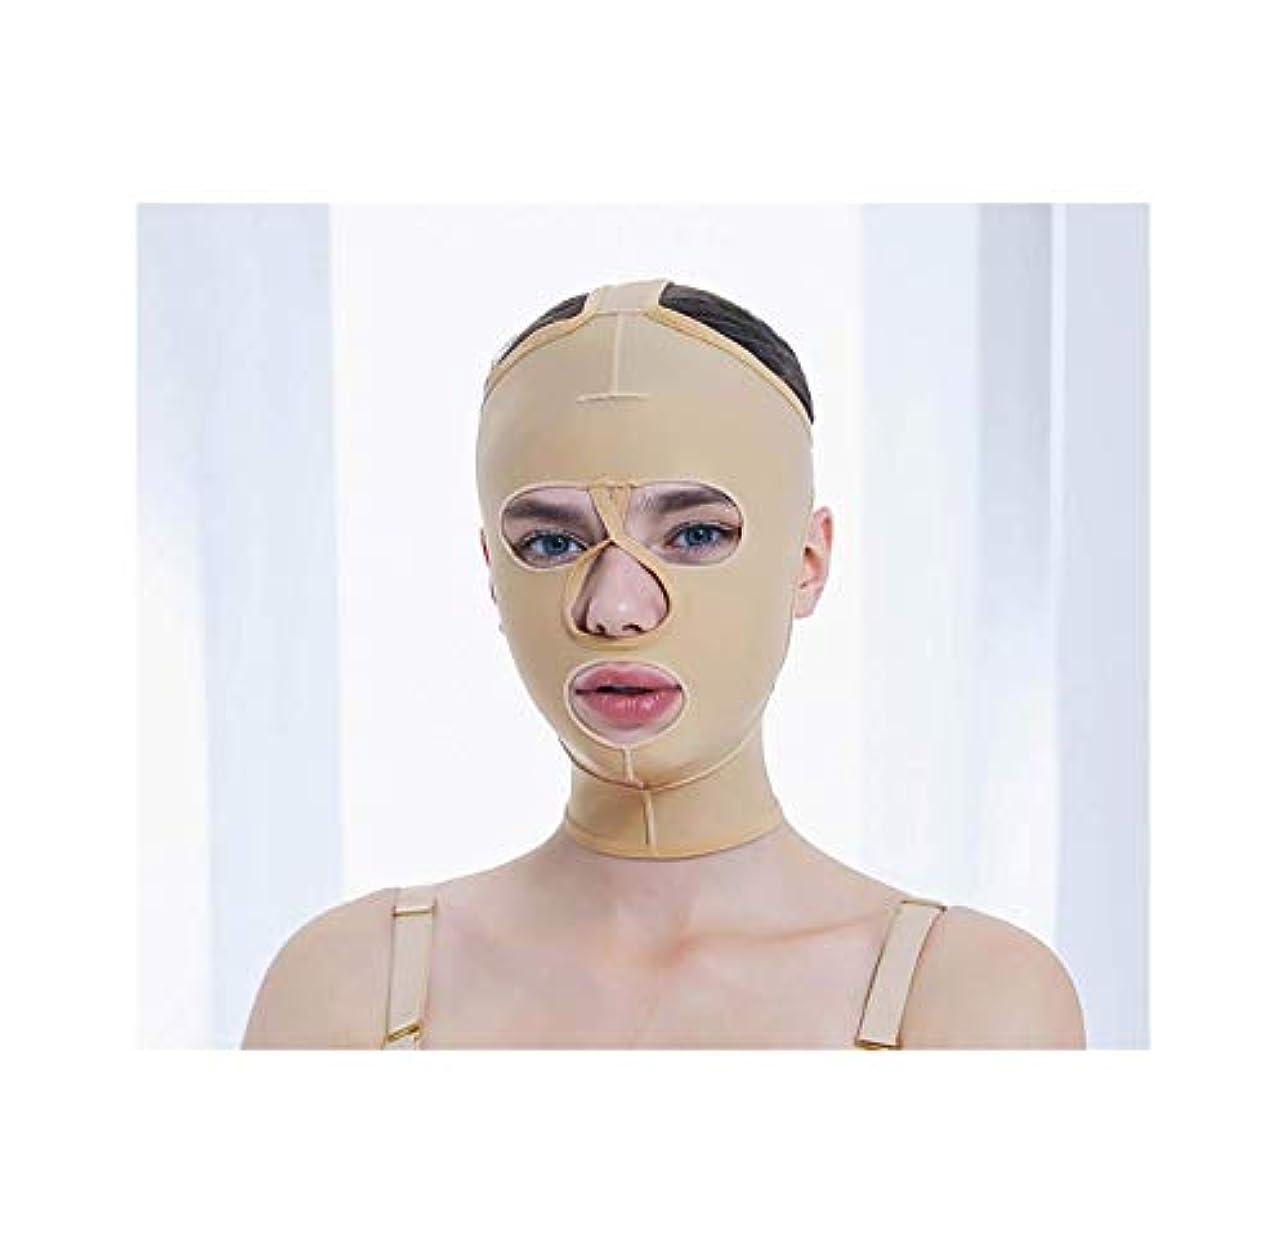 聖職者同化非武装化フェイス&ネックリフト、減量フェイスマスク脂肪吸引術脂肪吸引整形マスクフードフェイスリフティングアーティファクトVフェイスビームフェイス弾性スリーブ(サイズ:XS),XXL